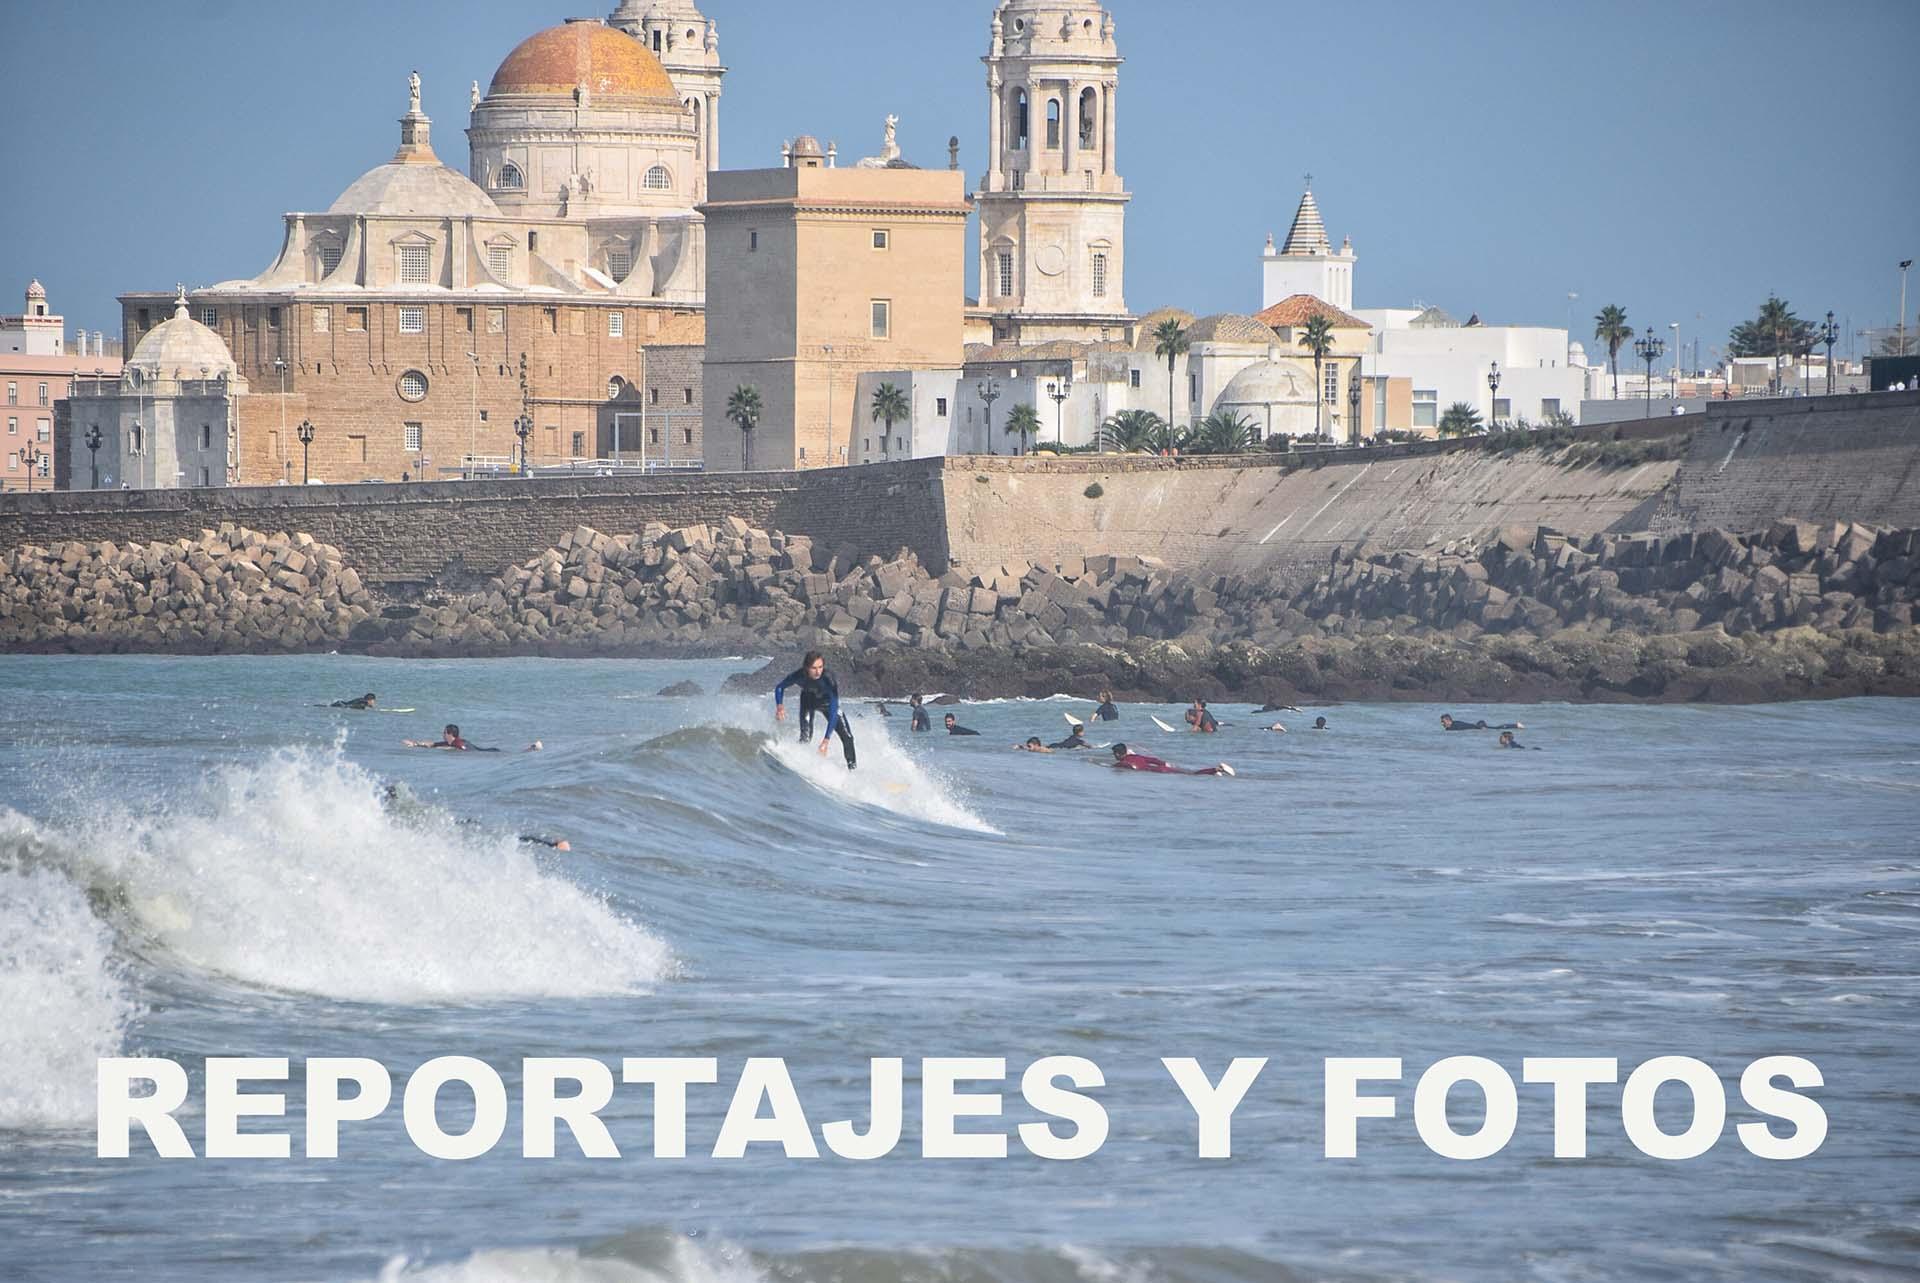 Reportajes y fotos de surf